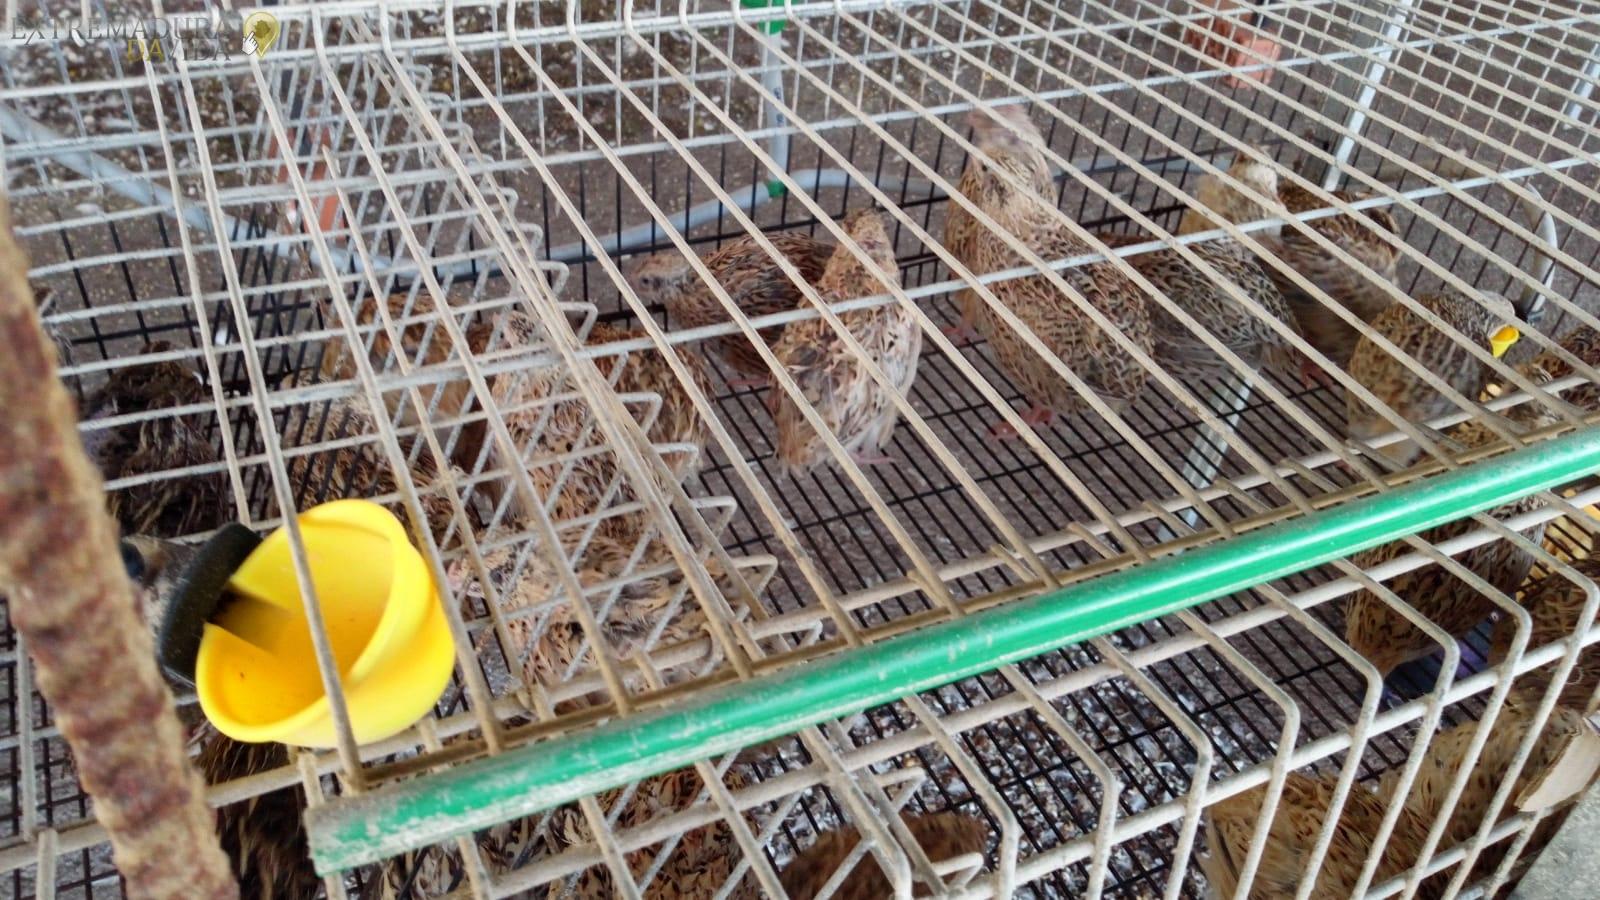 La mejor tienda de animales Gallinas en Cáceres Animalia